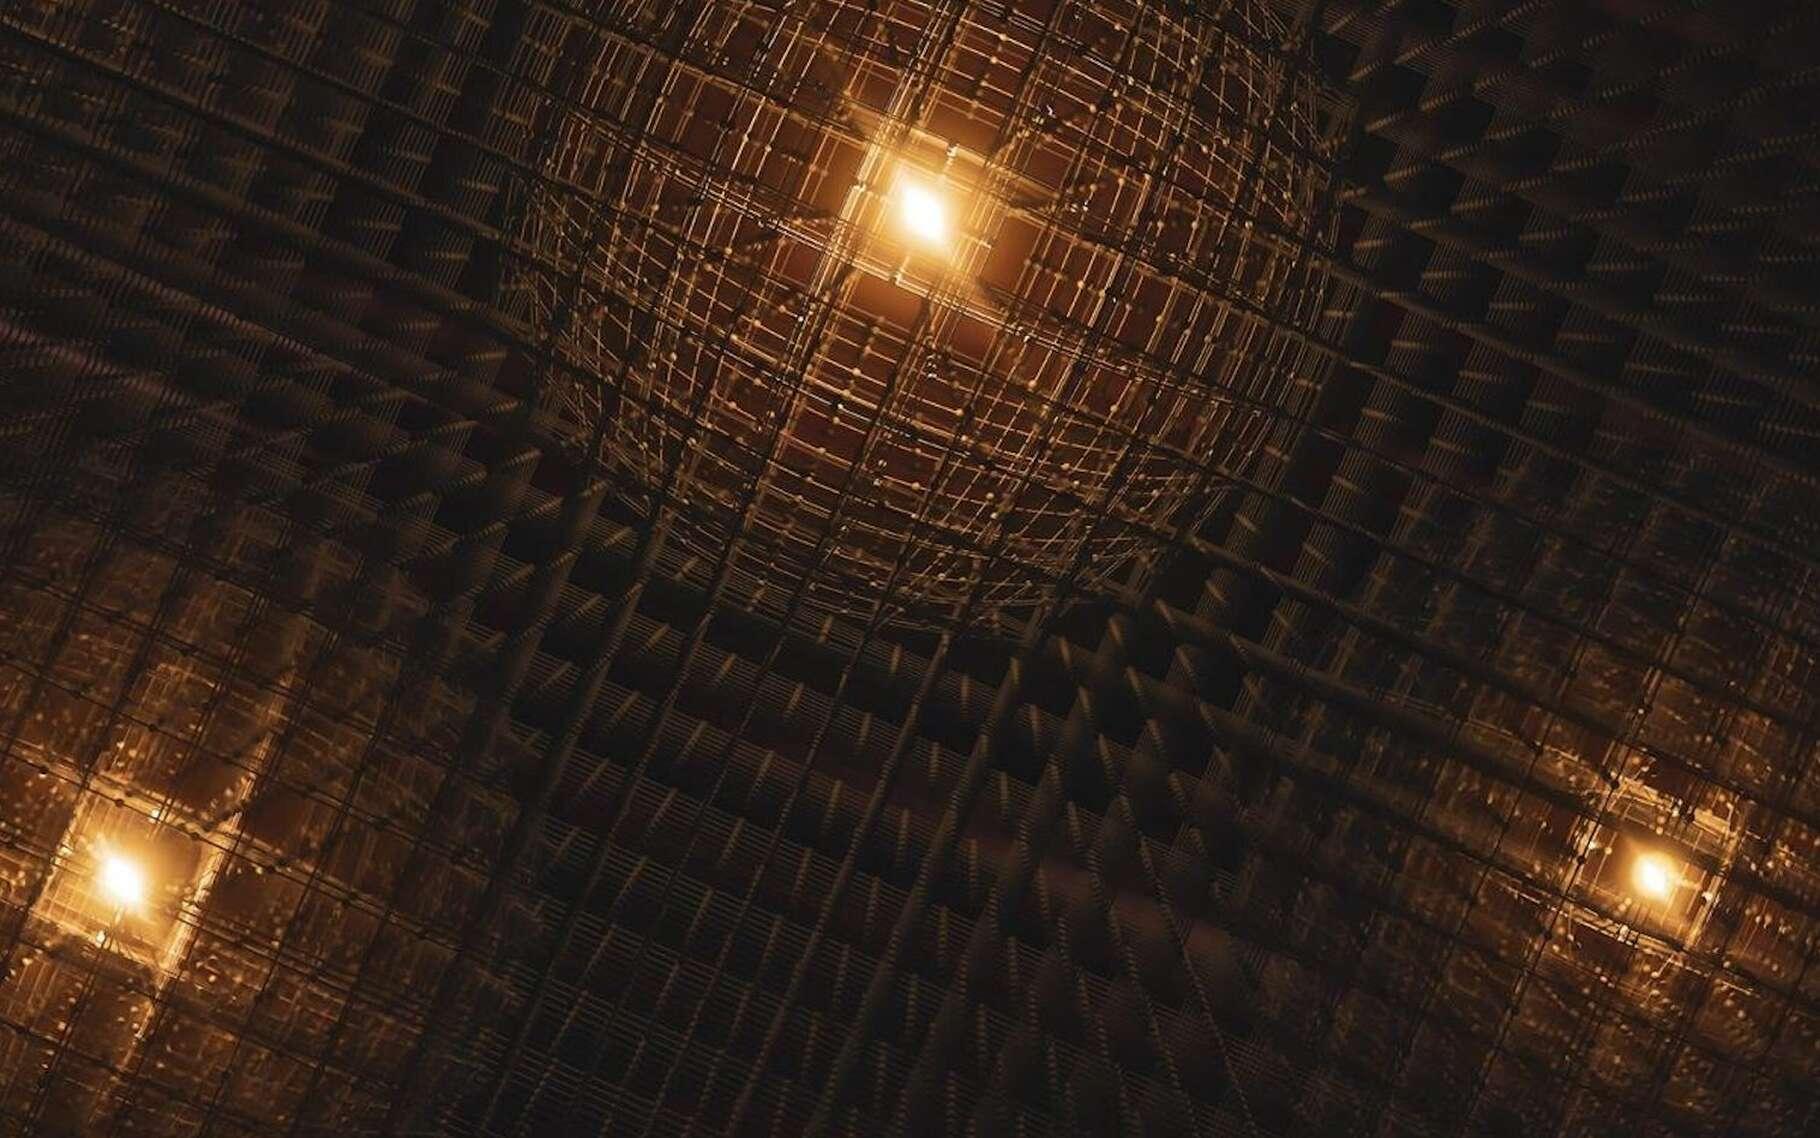 Cette illustration montre des polarons — des distorsions fugaces dans le réseau atomique d'un matériau — tels que ceux observés par des chercheurs du Laboratoire national de l'accélérateur SLAC (États-Unis) dans une pérovskite hybride au plomb. © Greg Stewart, Laboratoire national de l'accélérateur SLAC